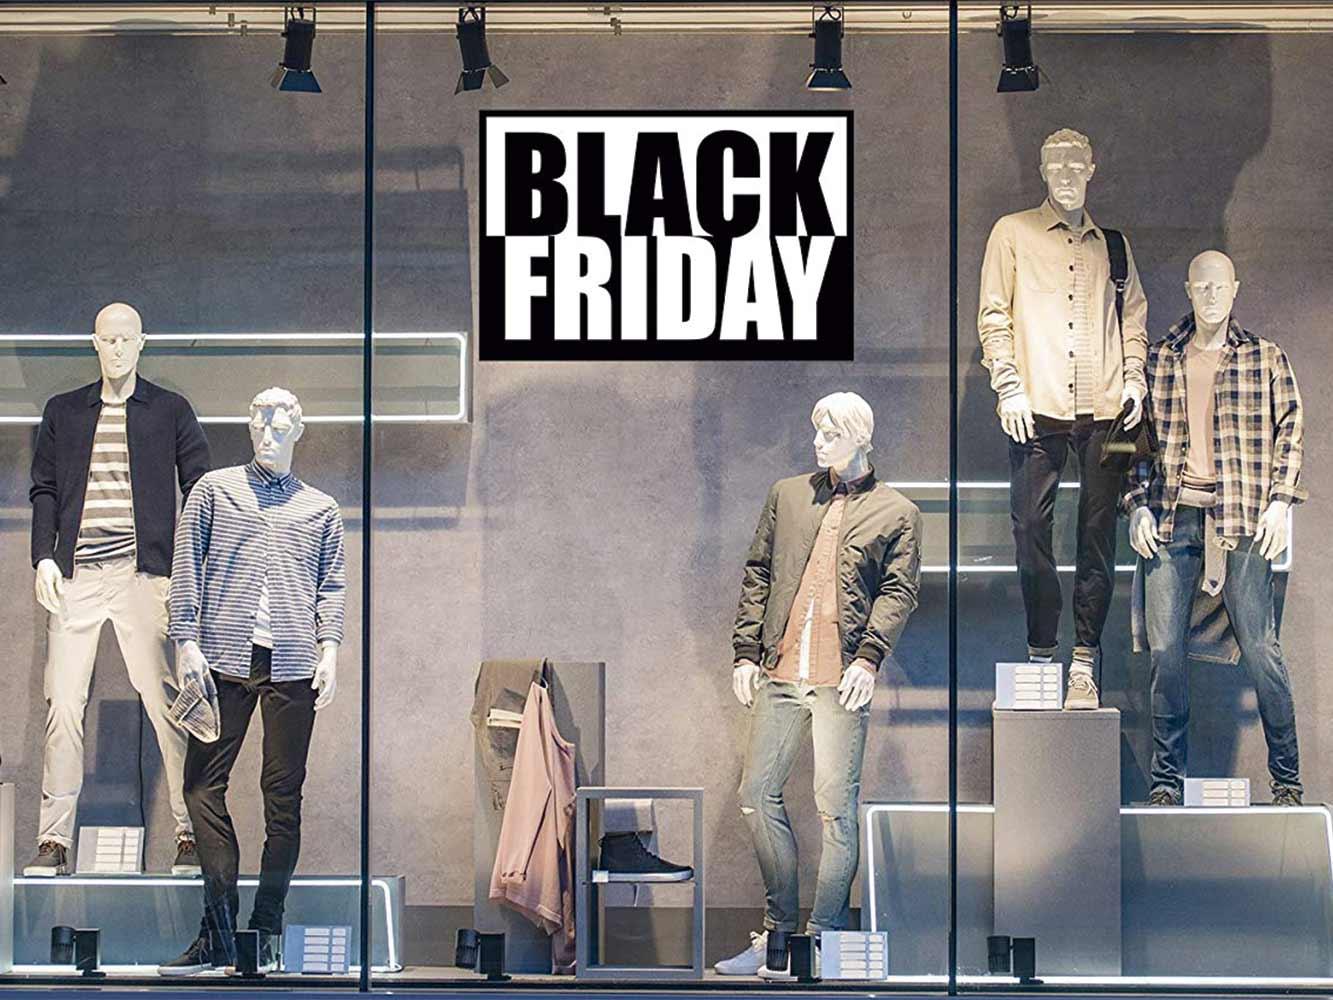 Vinilo Escaparate Black Friday Blanco Negro | Carteles XXL - Impresión carteleria publicitaria